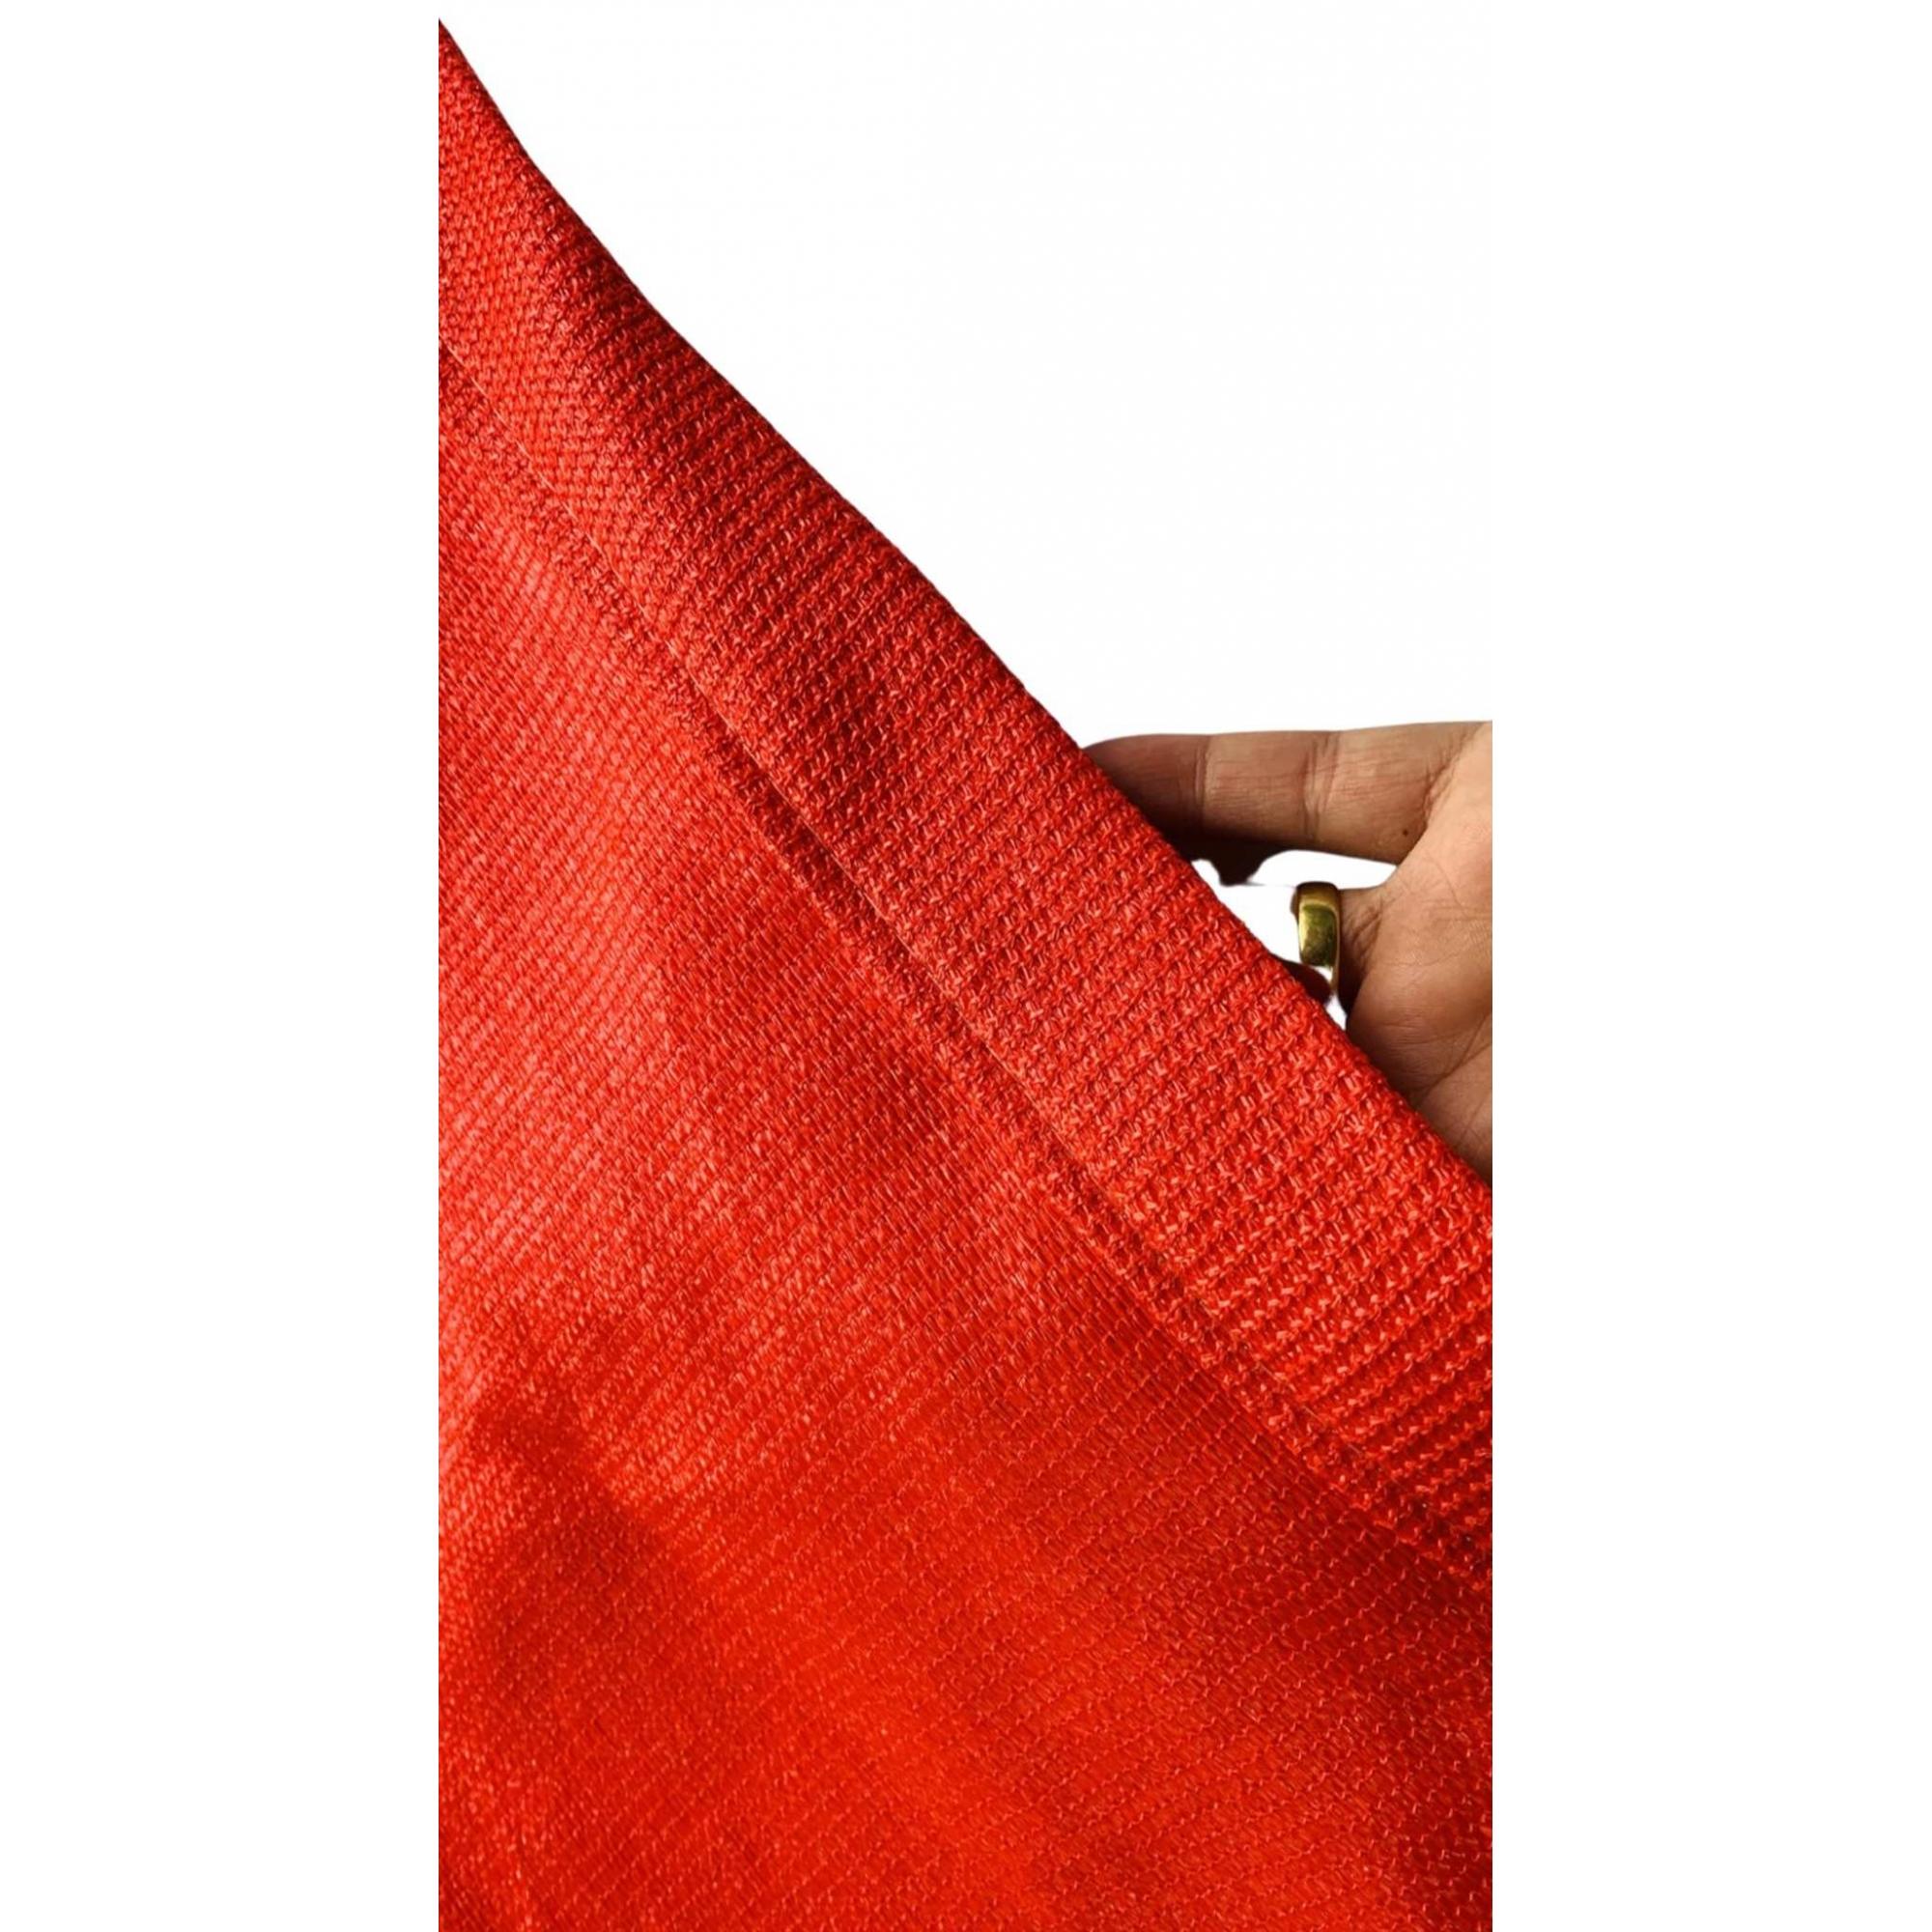 Tela de Sombreamento 90% Vermelha com Bainha e Ilhós - Largura: 3,5 Metros